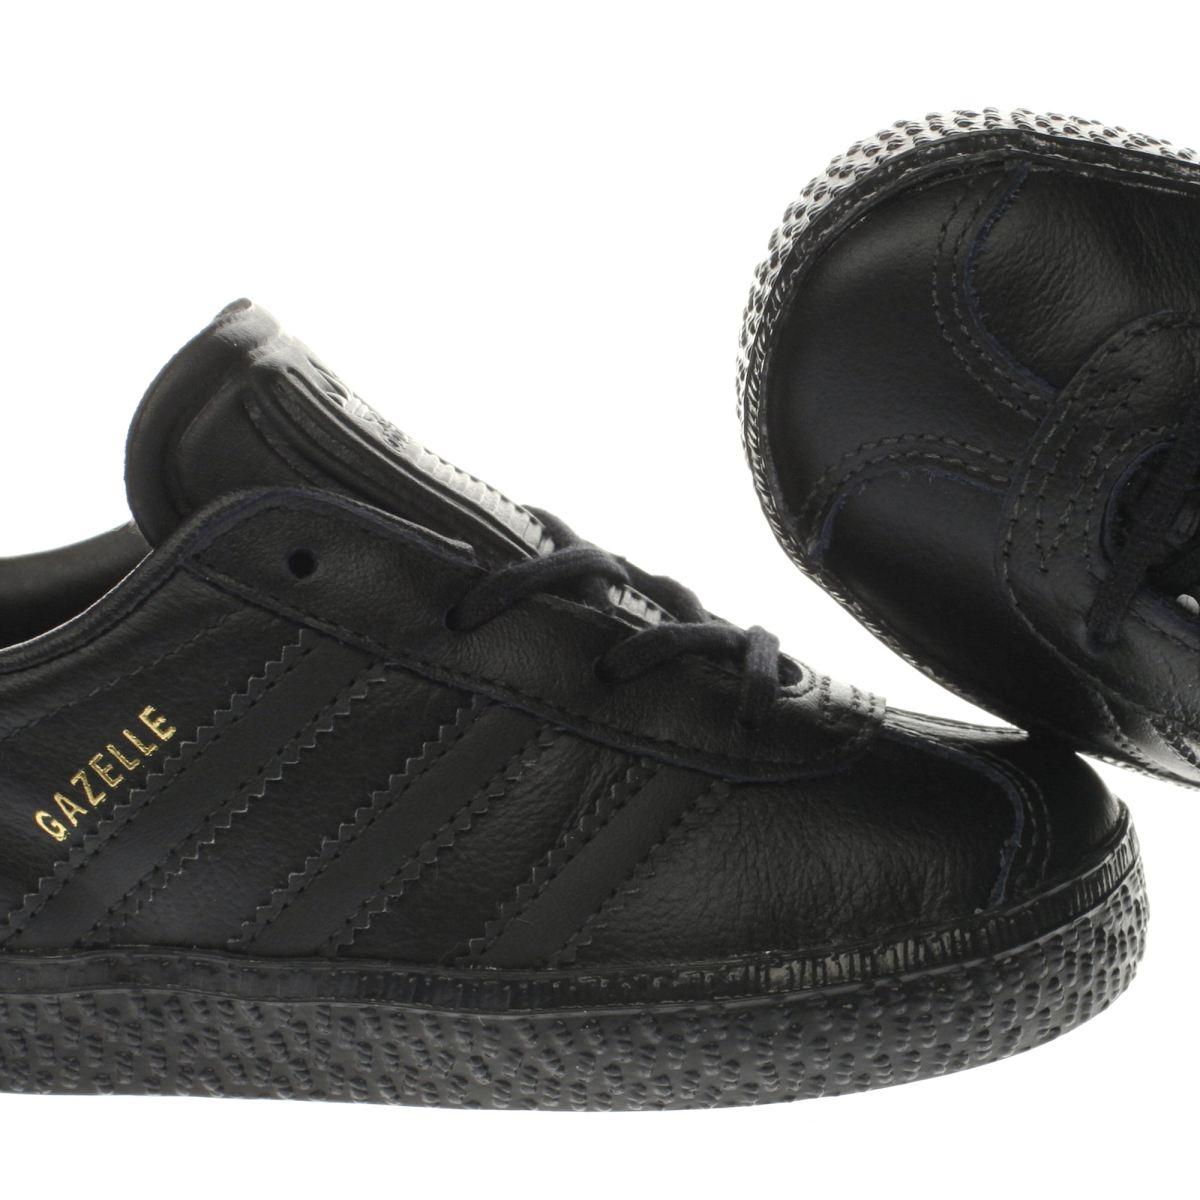 adidas gazelle green black